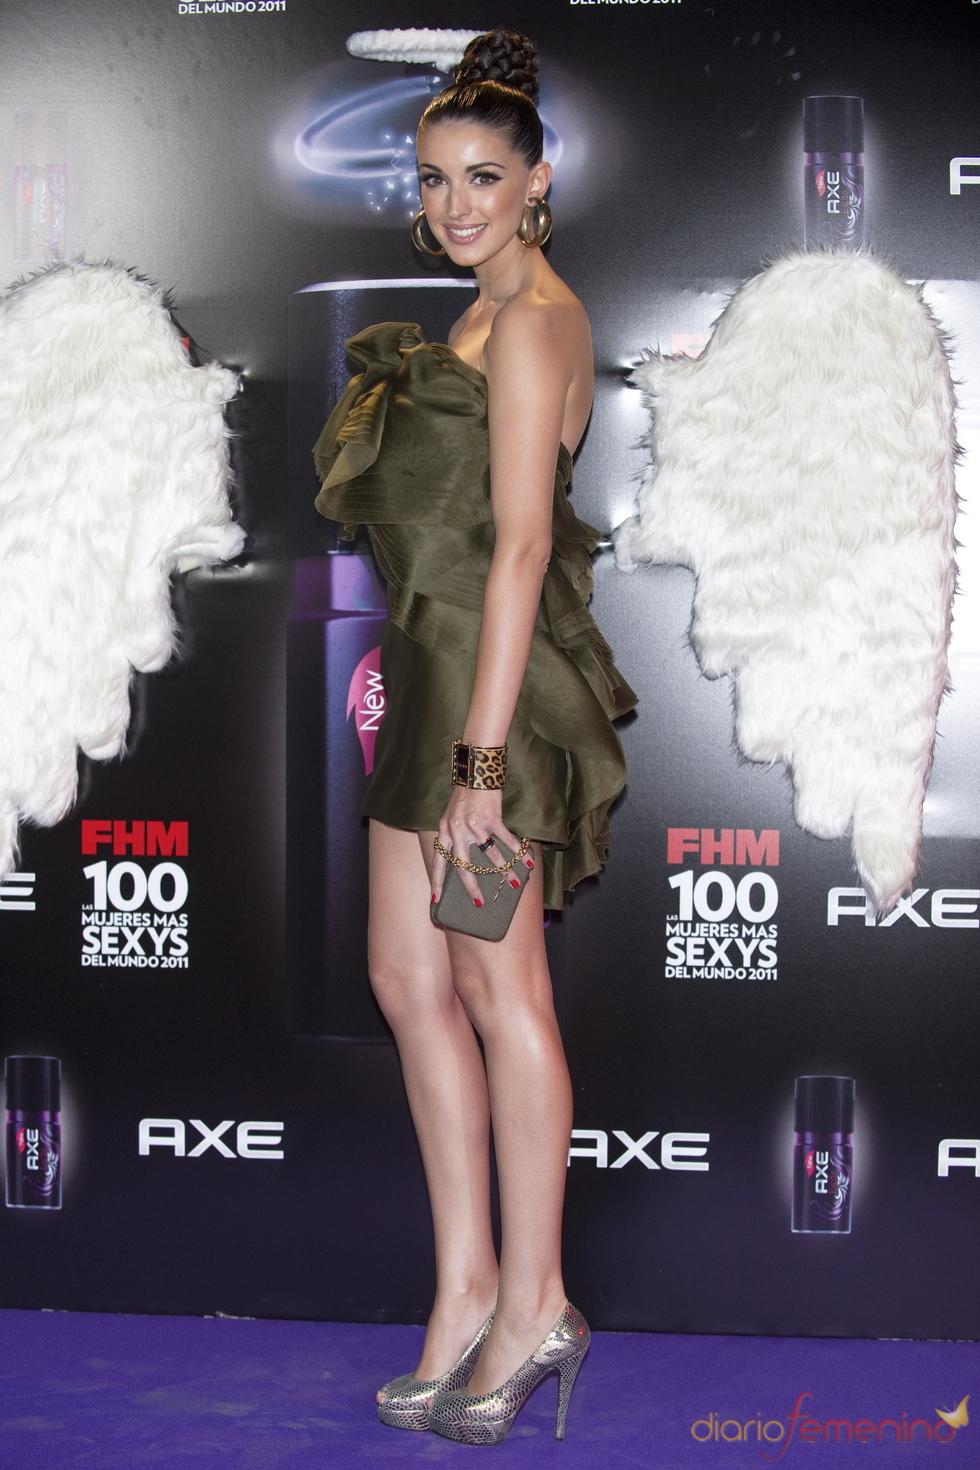 Noelia López durante los Premios FHM 'Las 100 mujeres más sexys 2011'